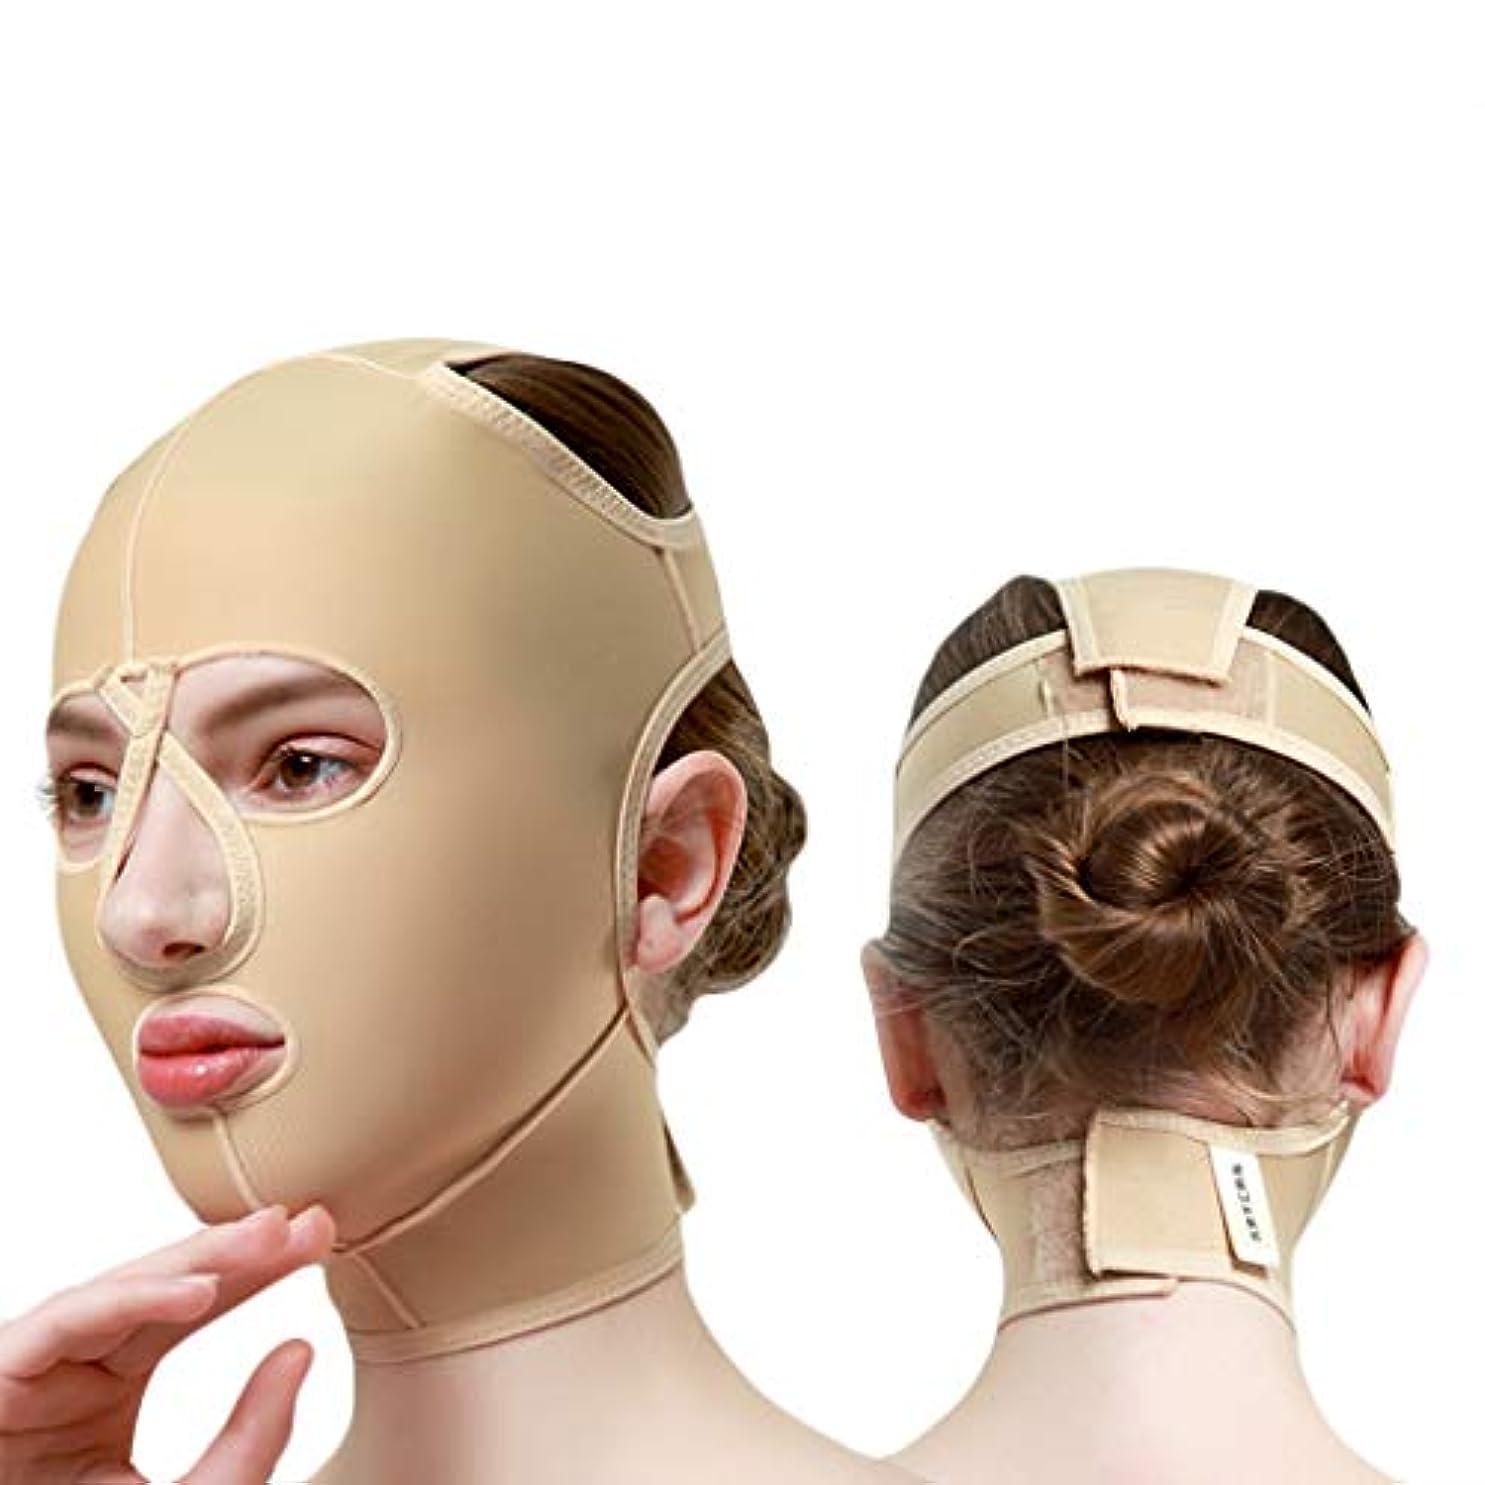 まあ責輝度XHLMRMJ あごのストラップ、顔の彫刻ツール、リフティングマスク、ダブルチンリデューサー、フェイスリフティングエラスティックマスク女性 (Size : XL)